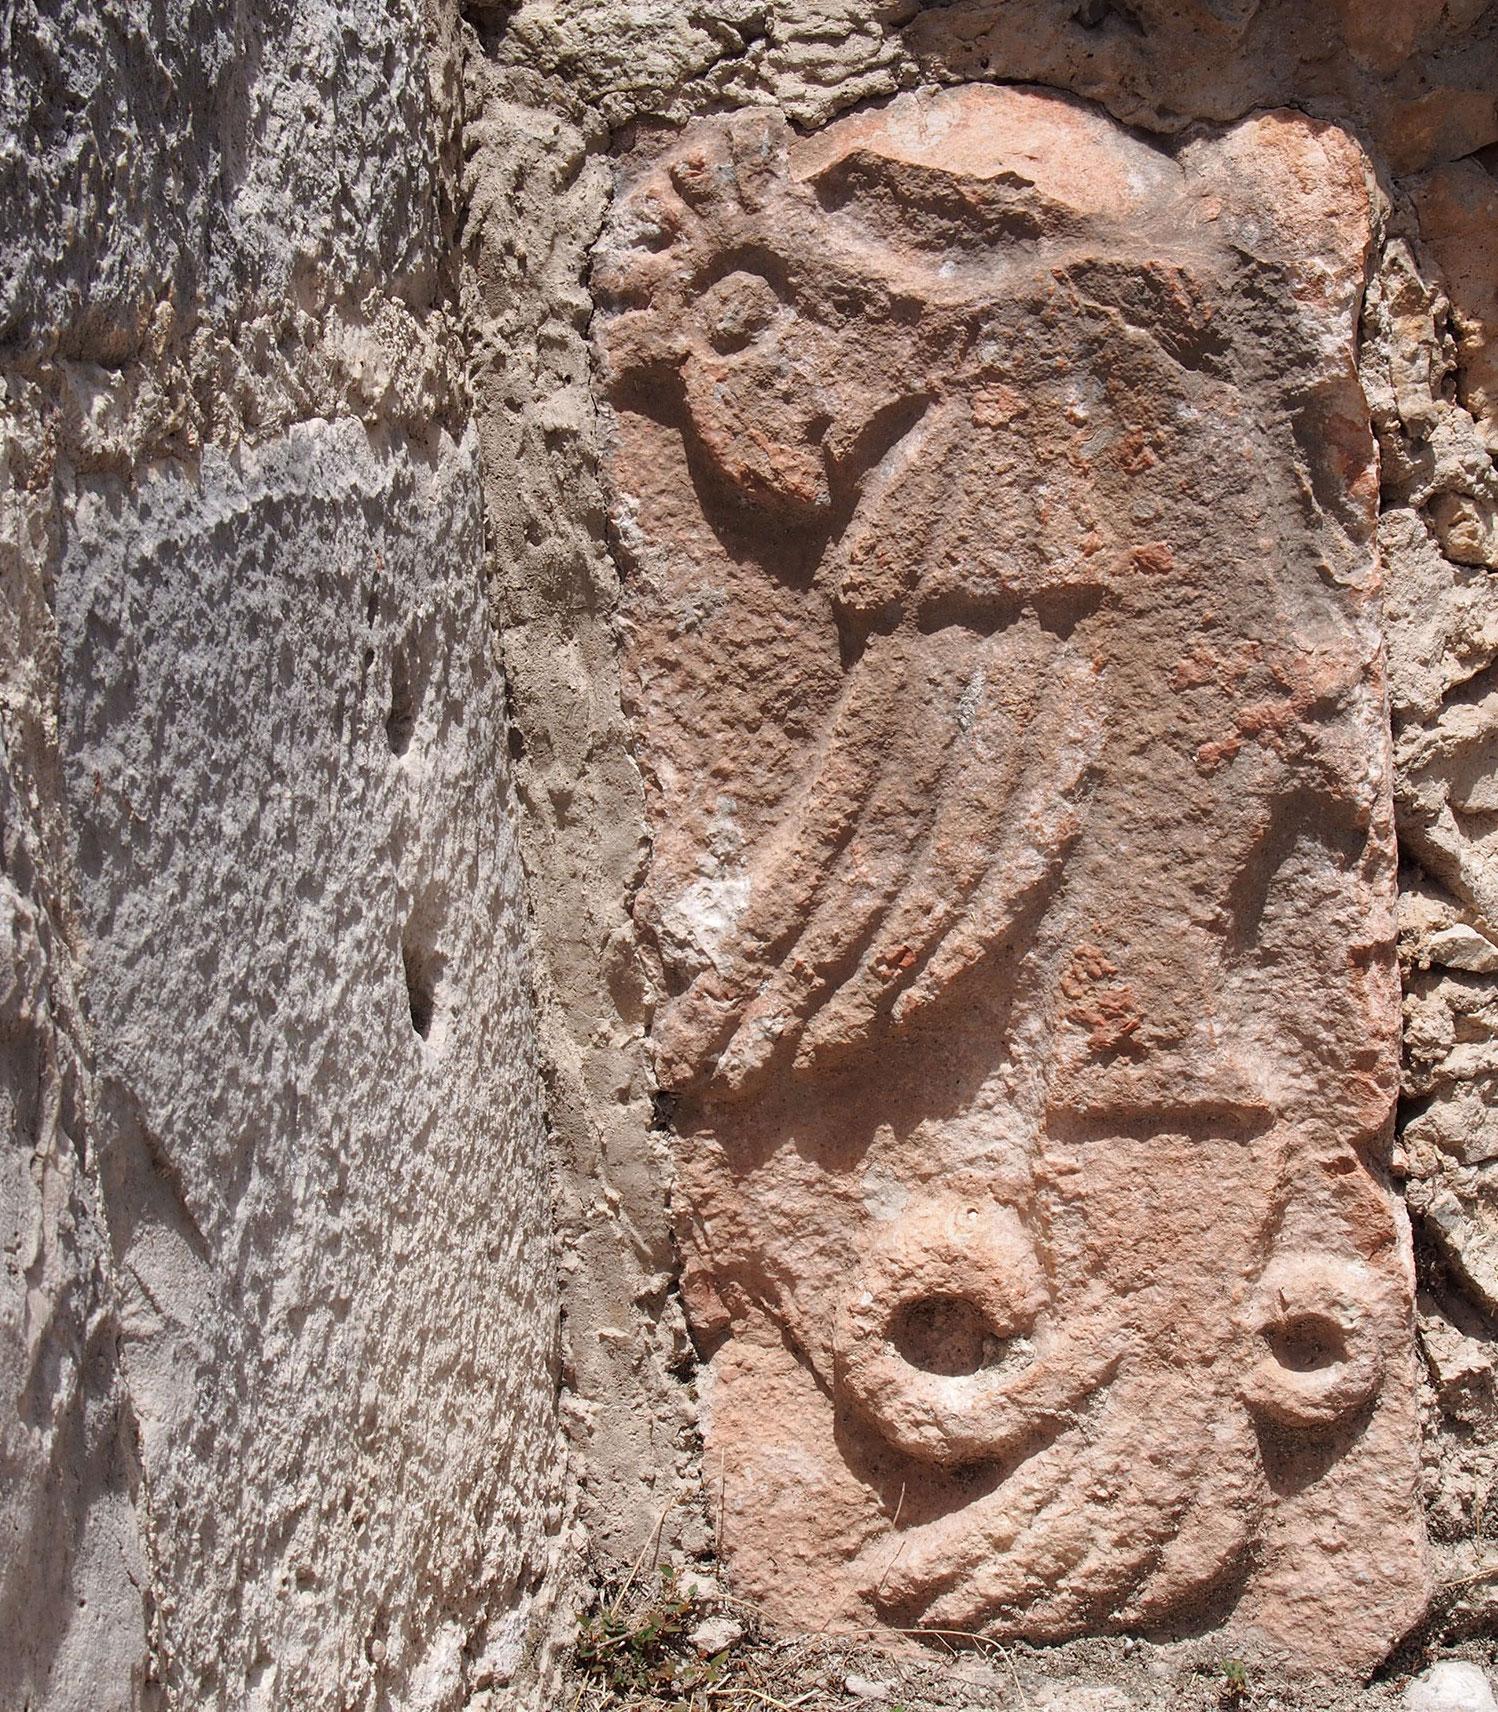 Hammocks_and_Ruins_Blog_Riviera_Maya_Mexico_Travel_Discover_Yucatan_What_to_do_Maya_Archeology_Mayapan_Ruins_110.jpg